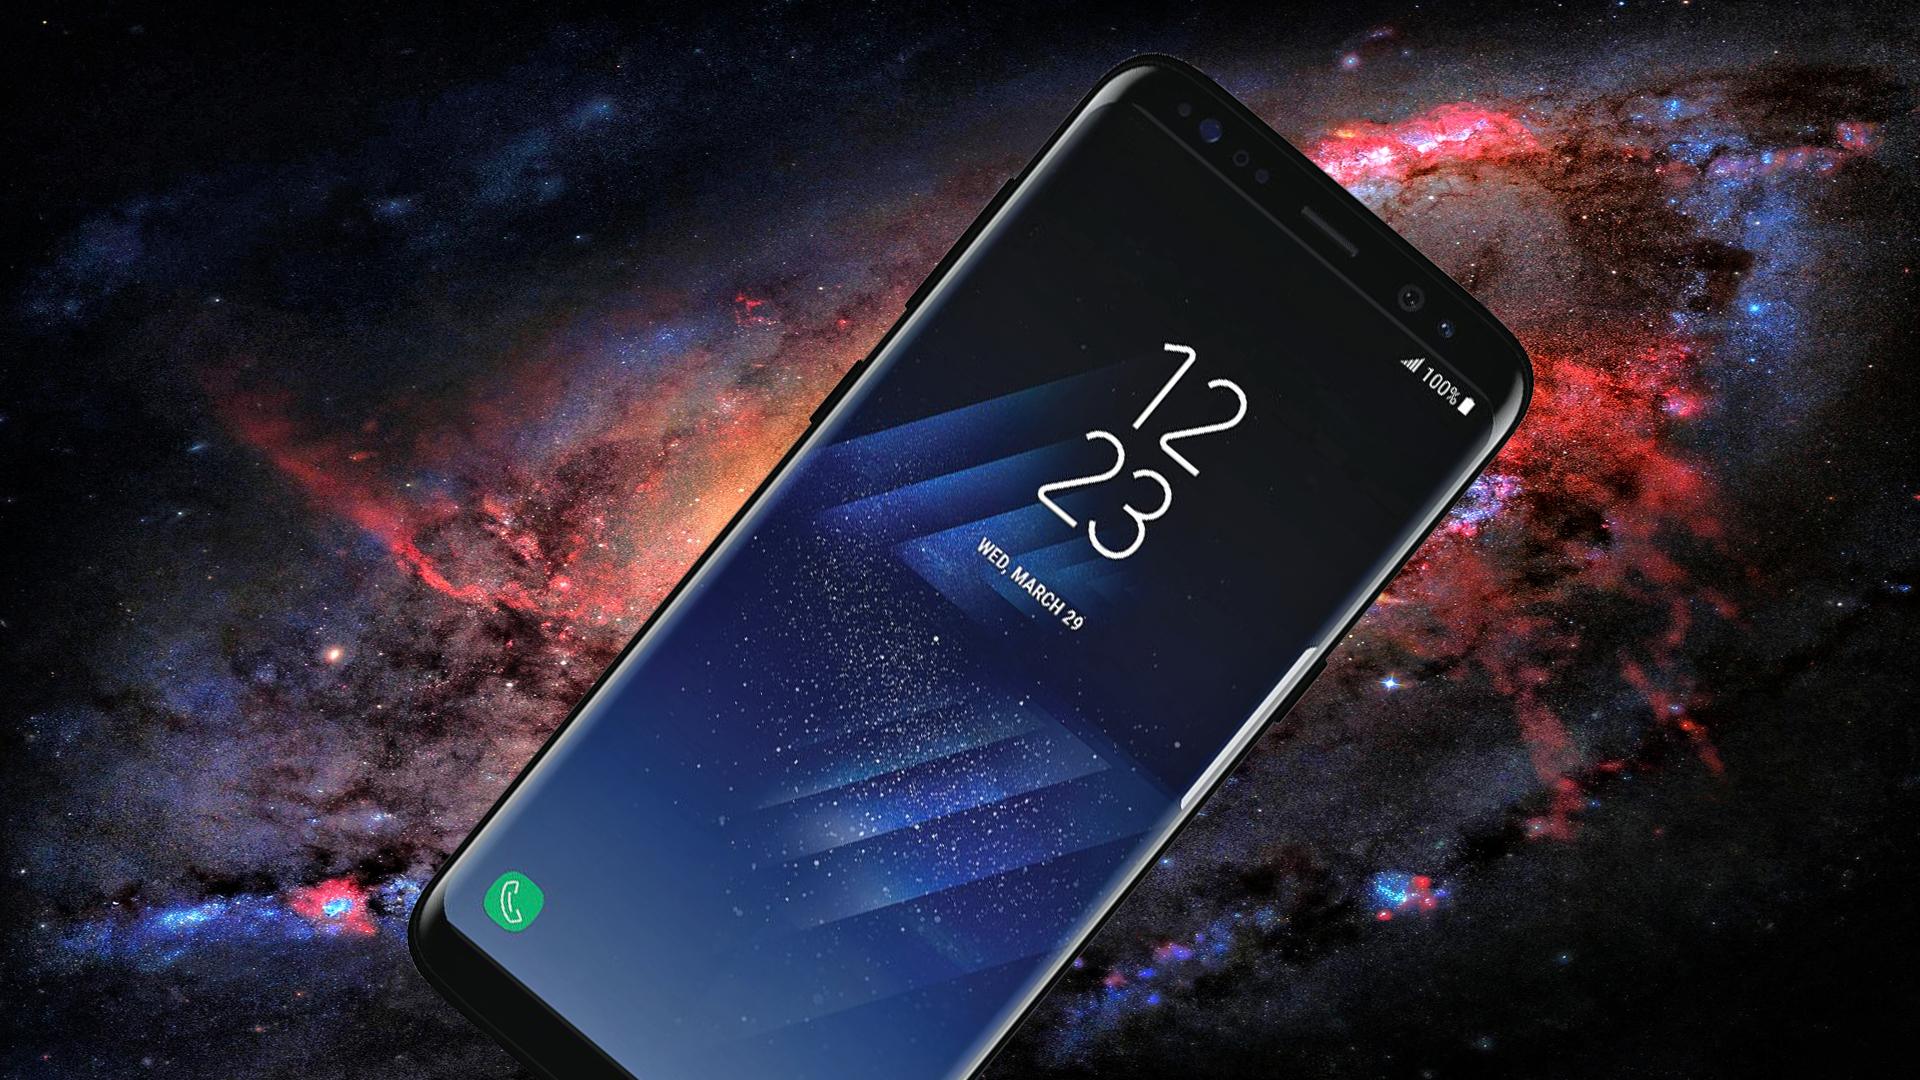 Uno de los modelos del Galaxy S8 es más potente que el otro